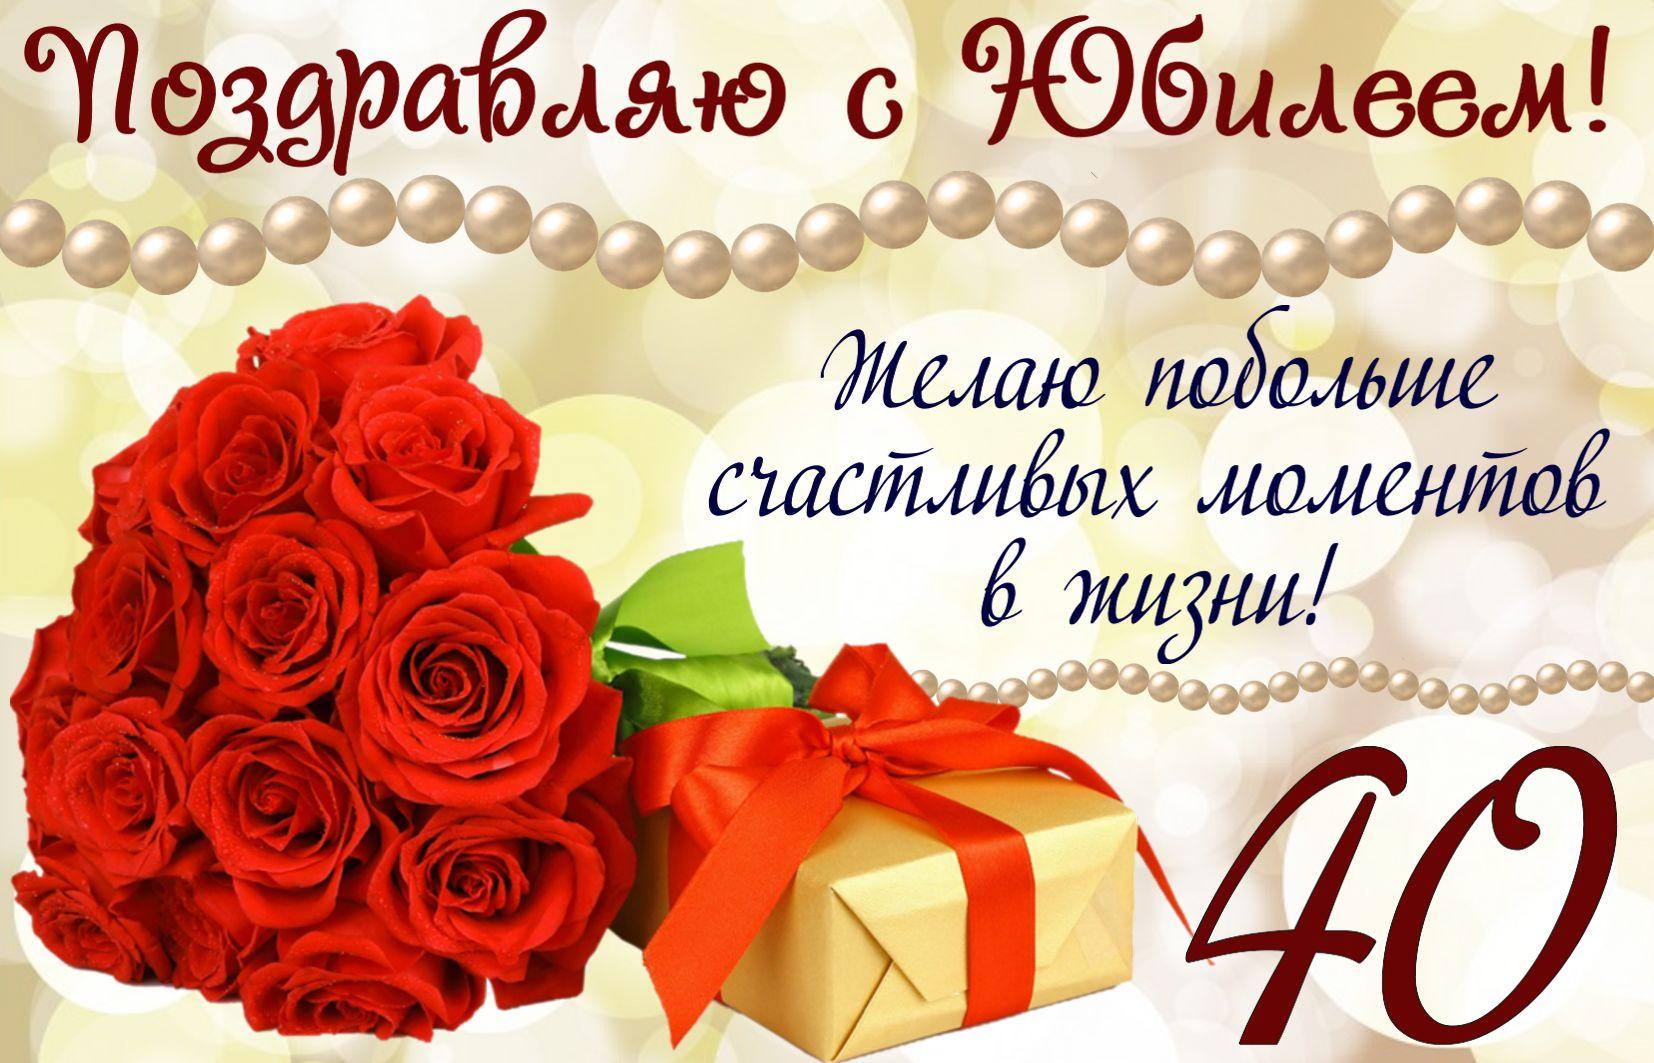 Поздравления женщине на 45 лет с подарками